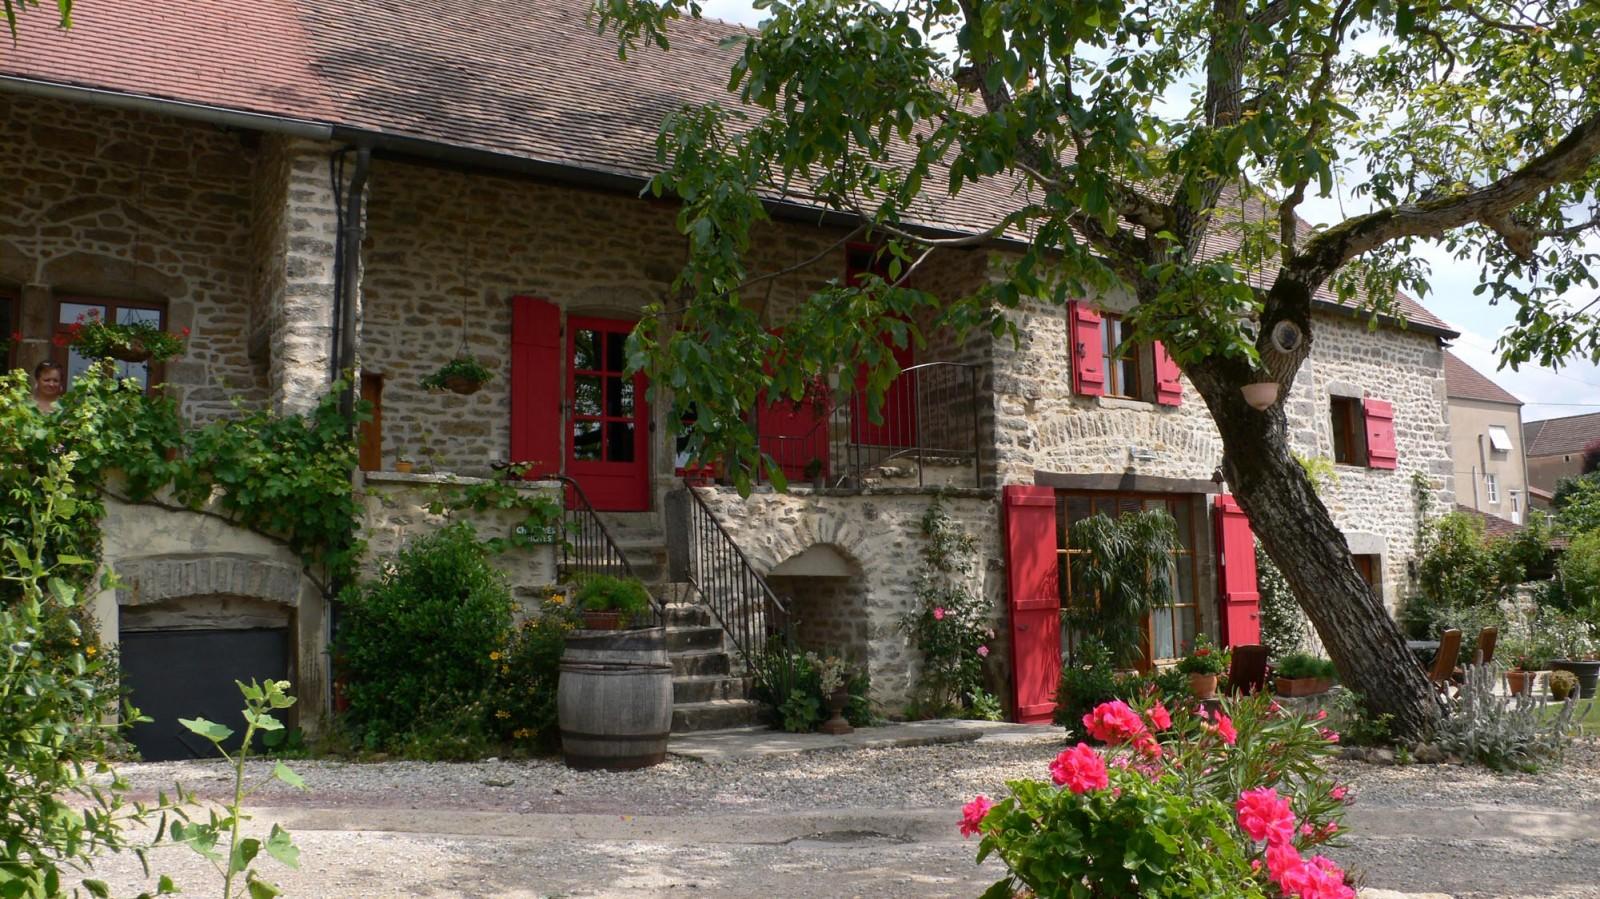 Купить дом во франции эконом класс ростов дубай прямой